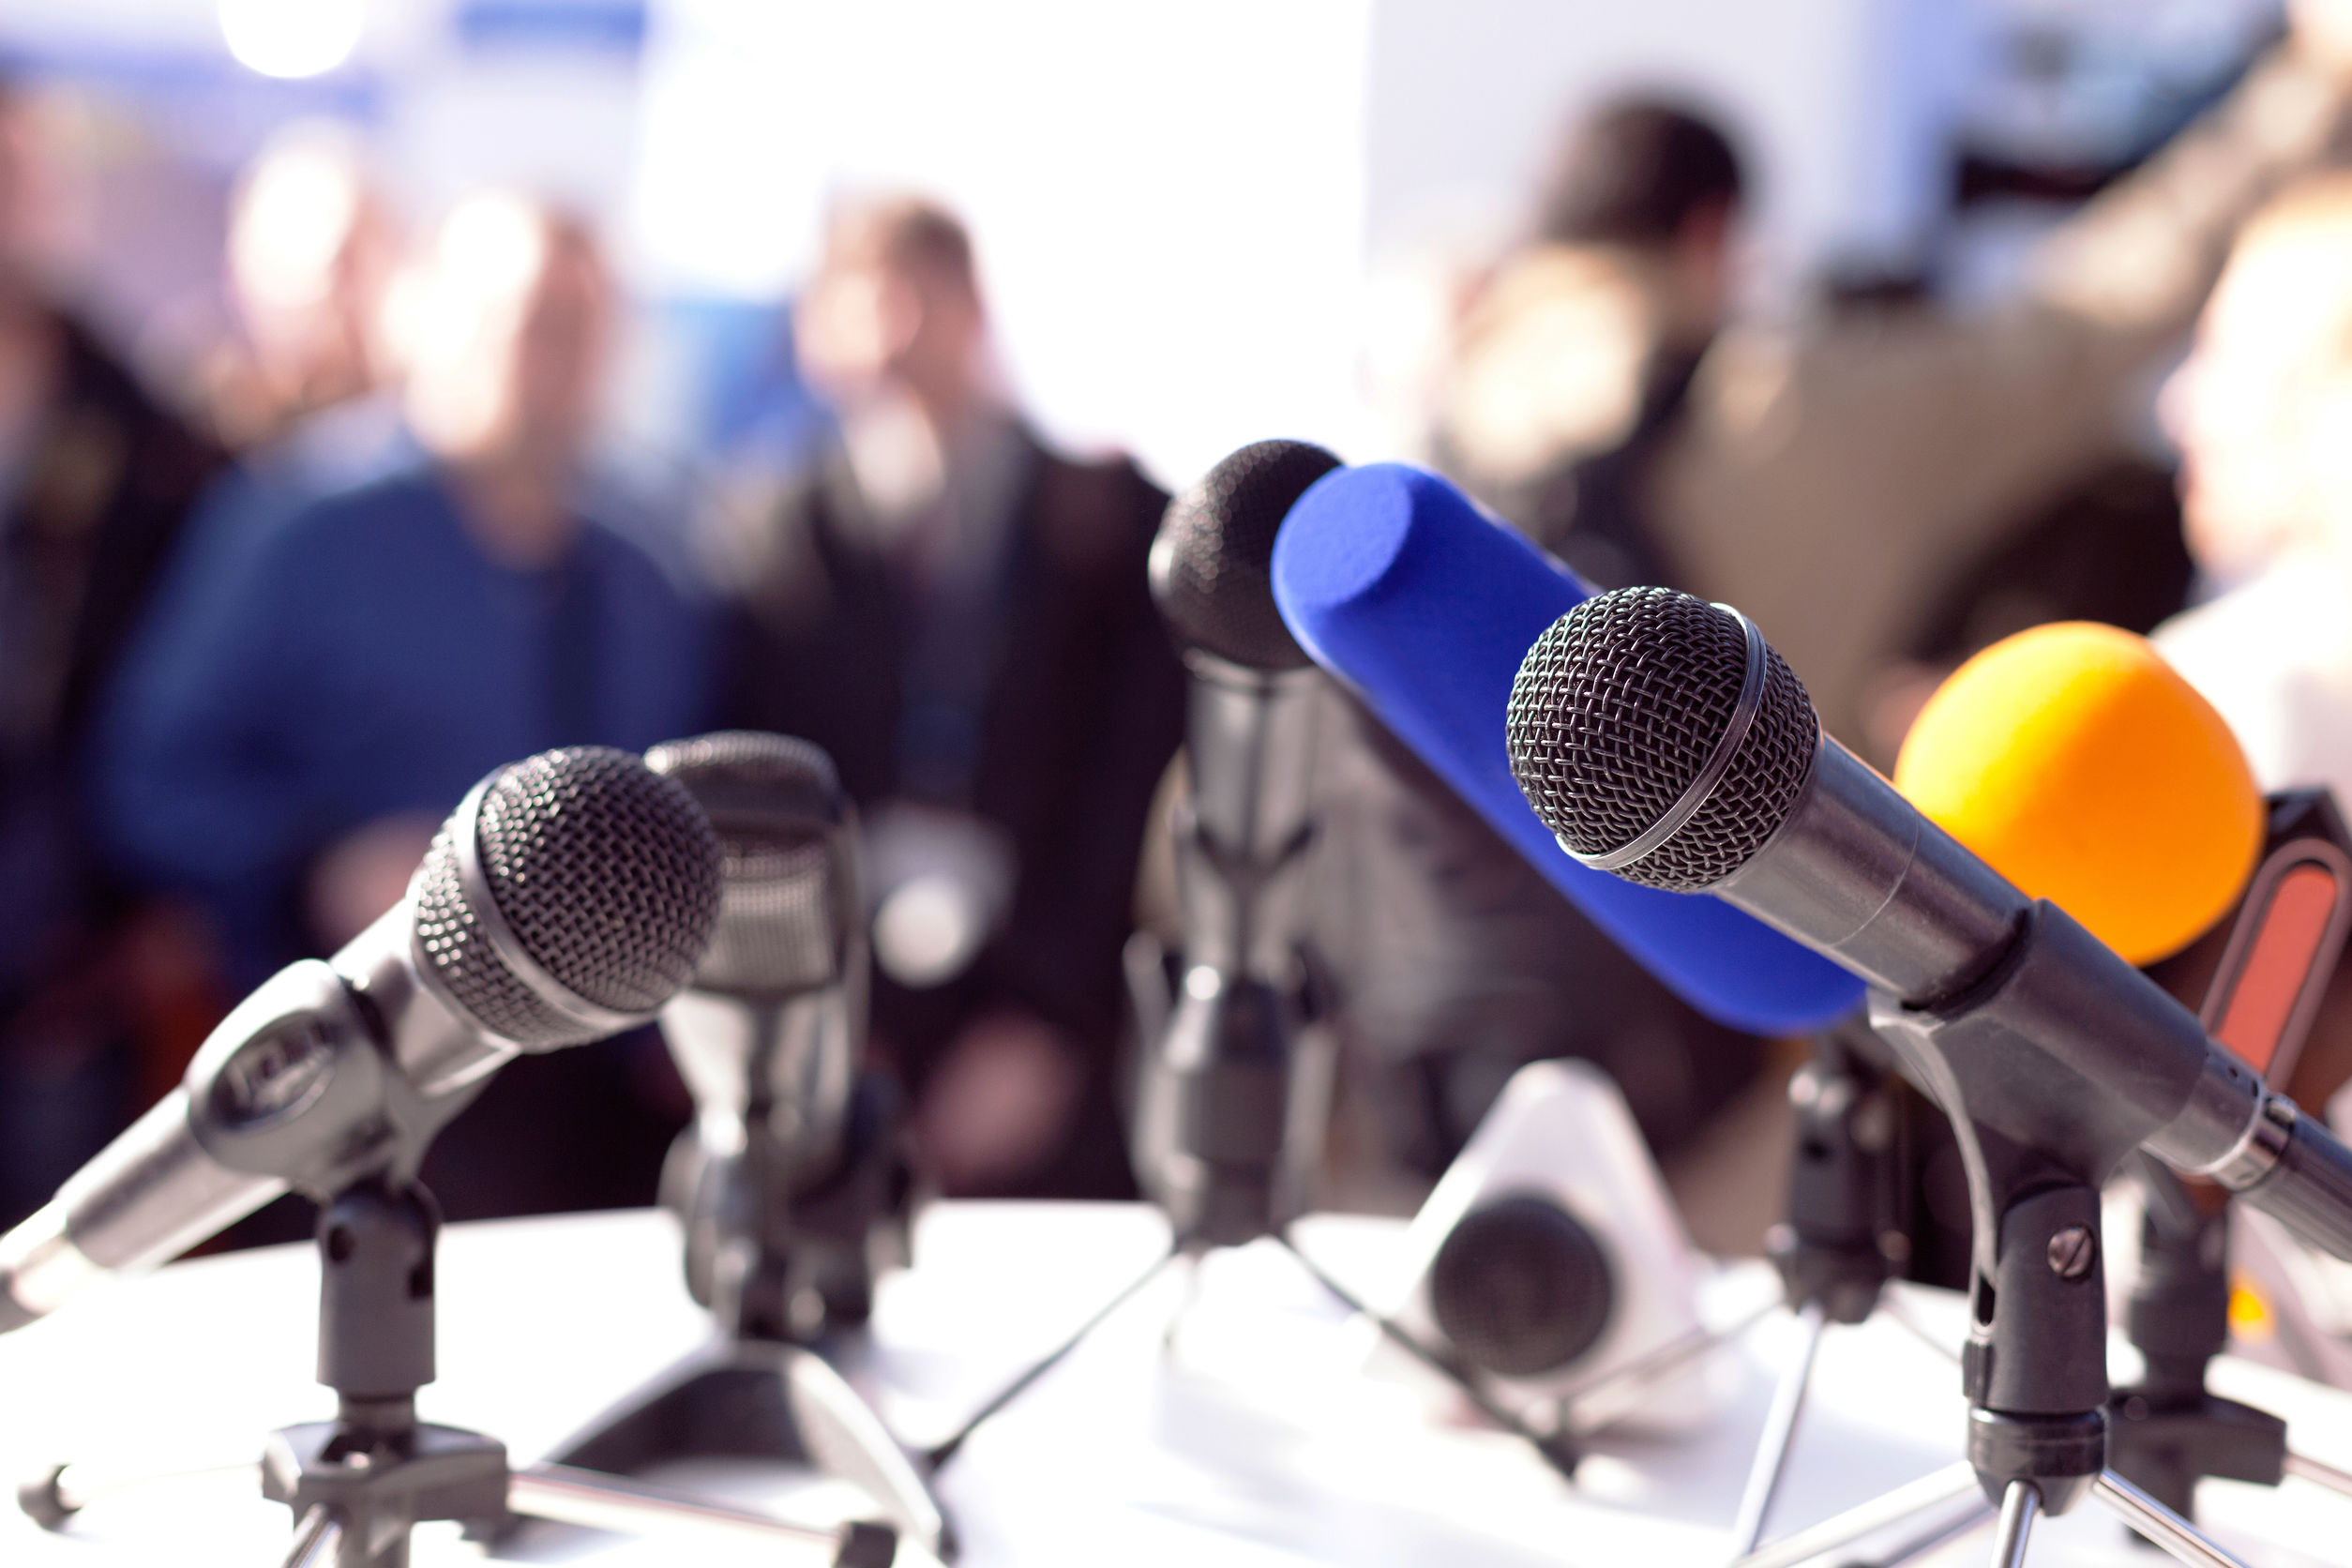 Microfone sem fio: Qual é o melhor de 2020?